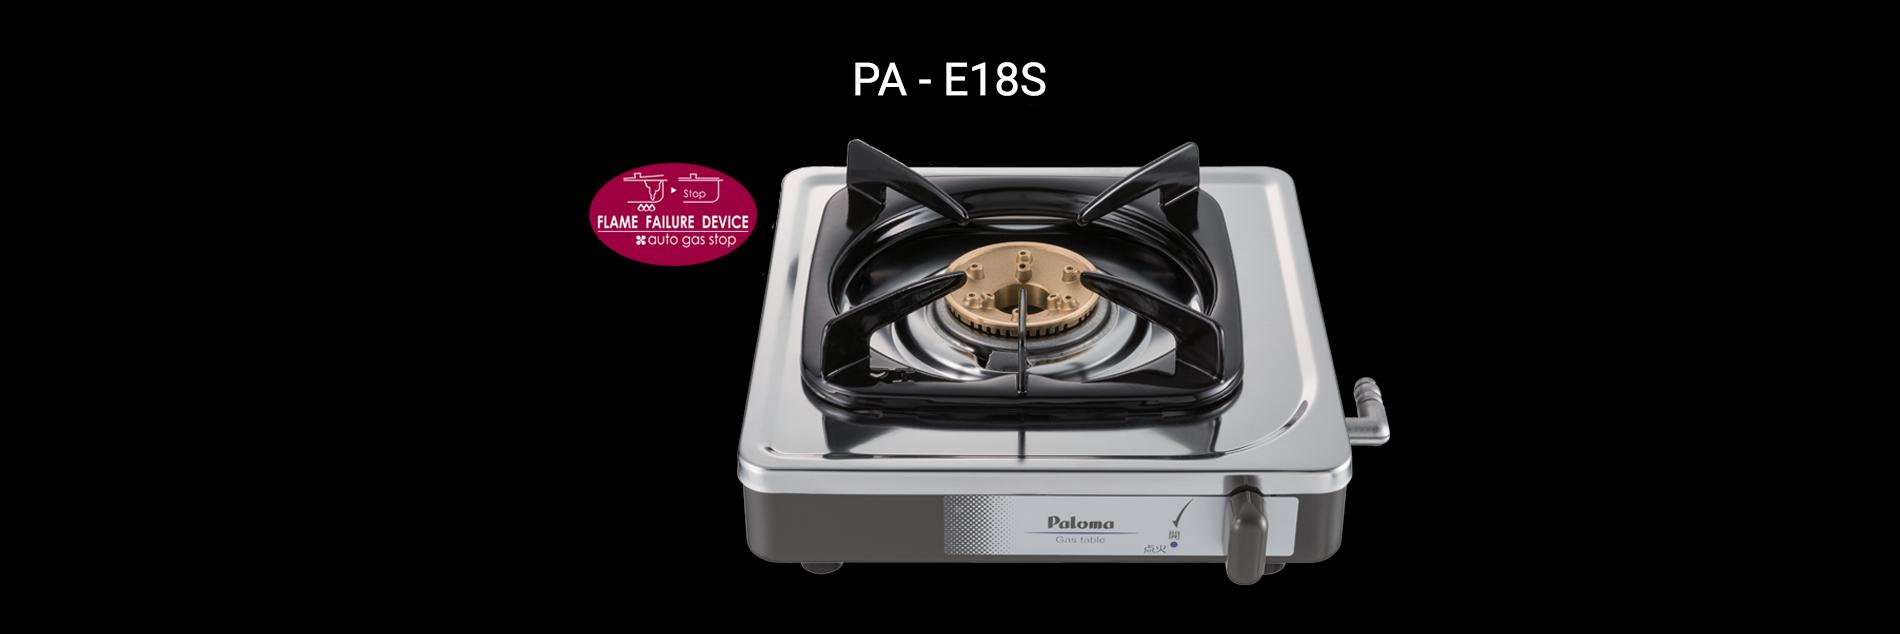 PA-E18S